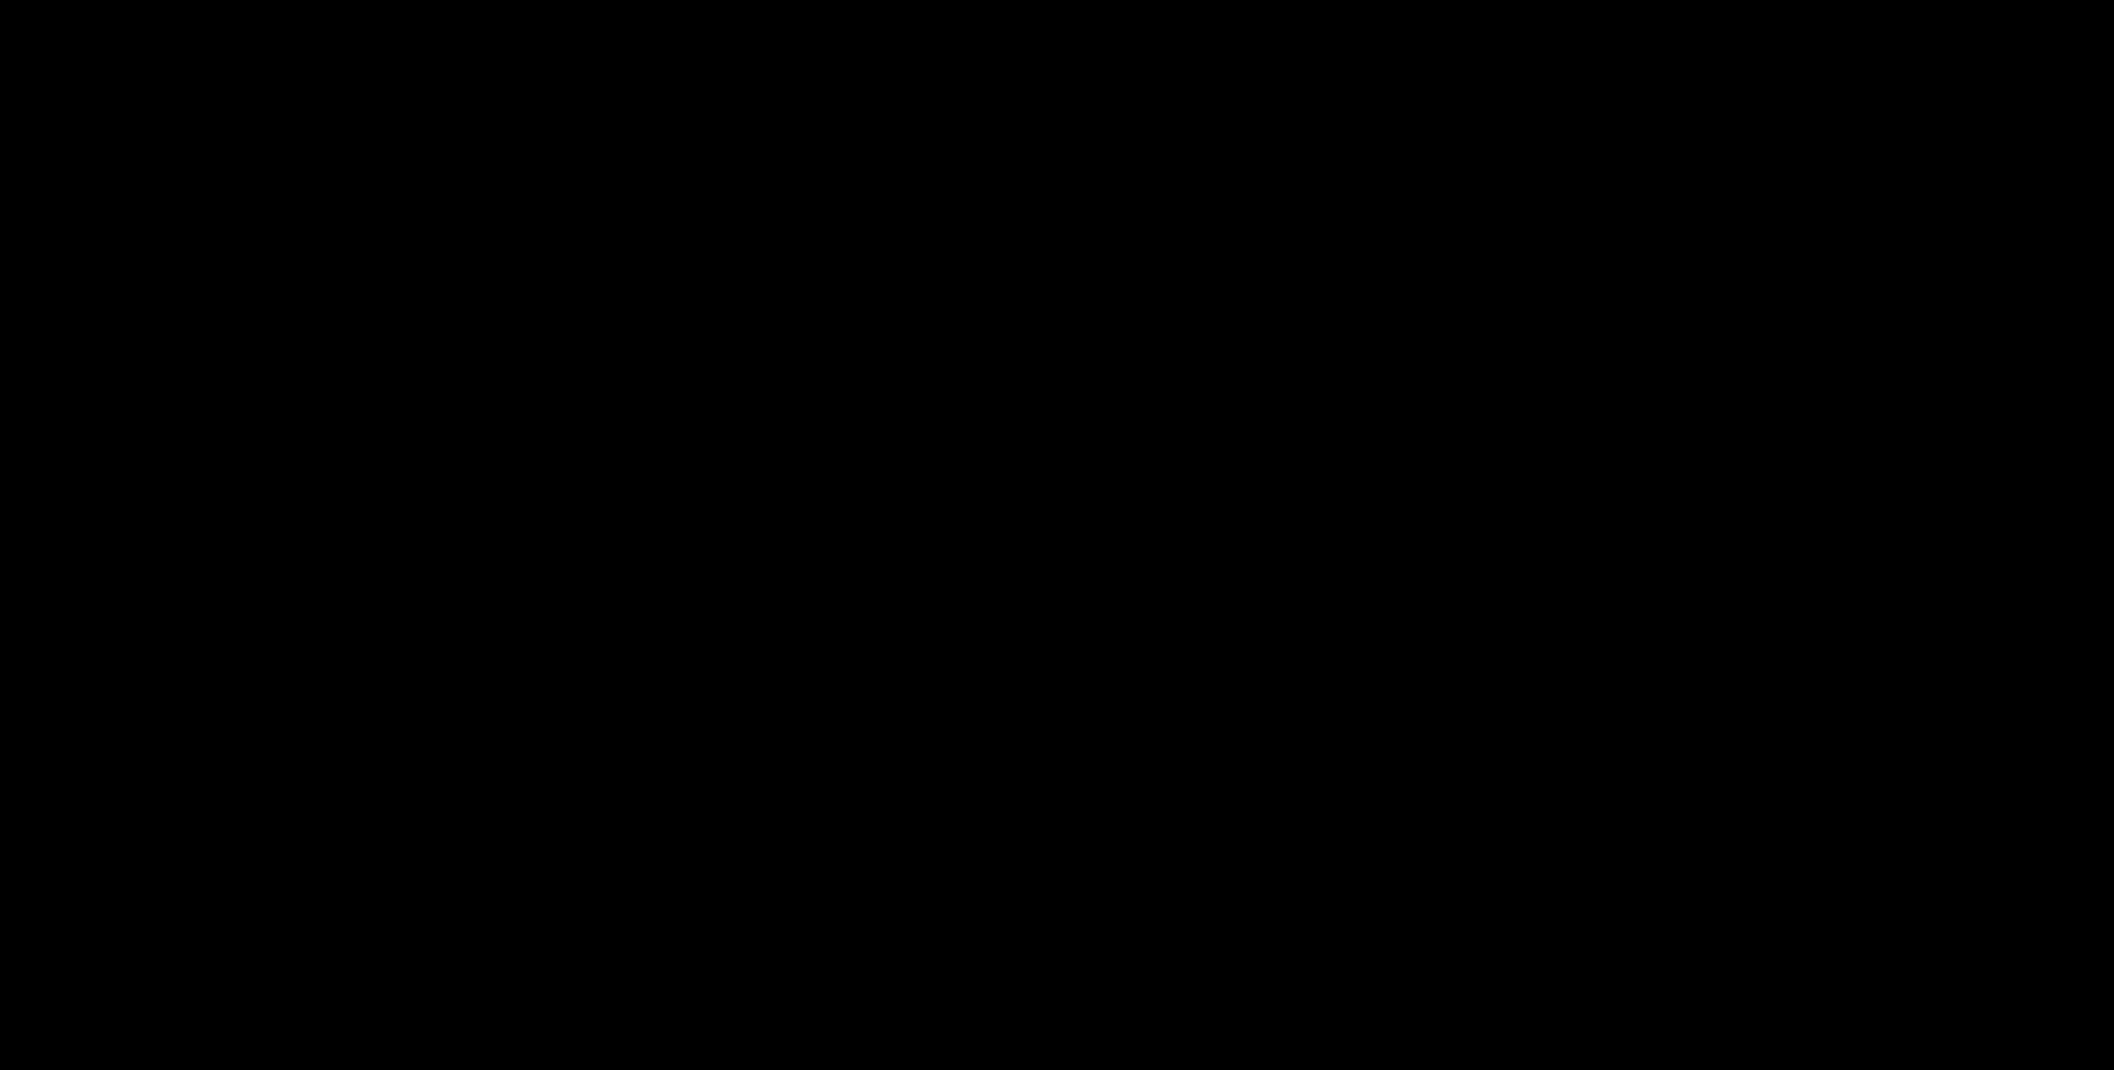 logo fimeb création Freyja